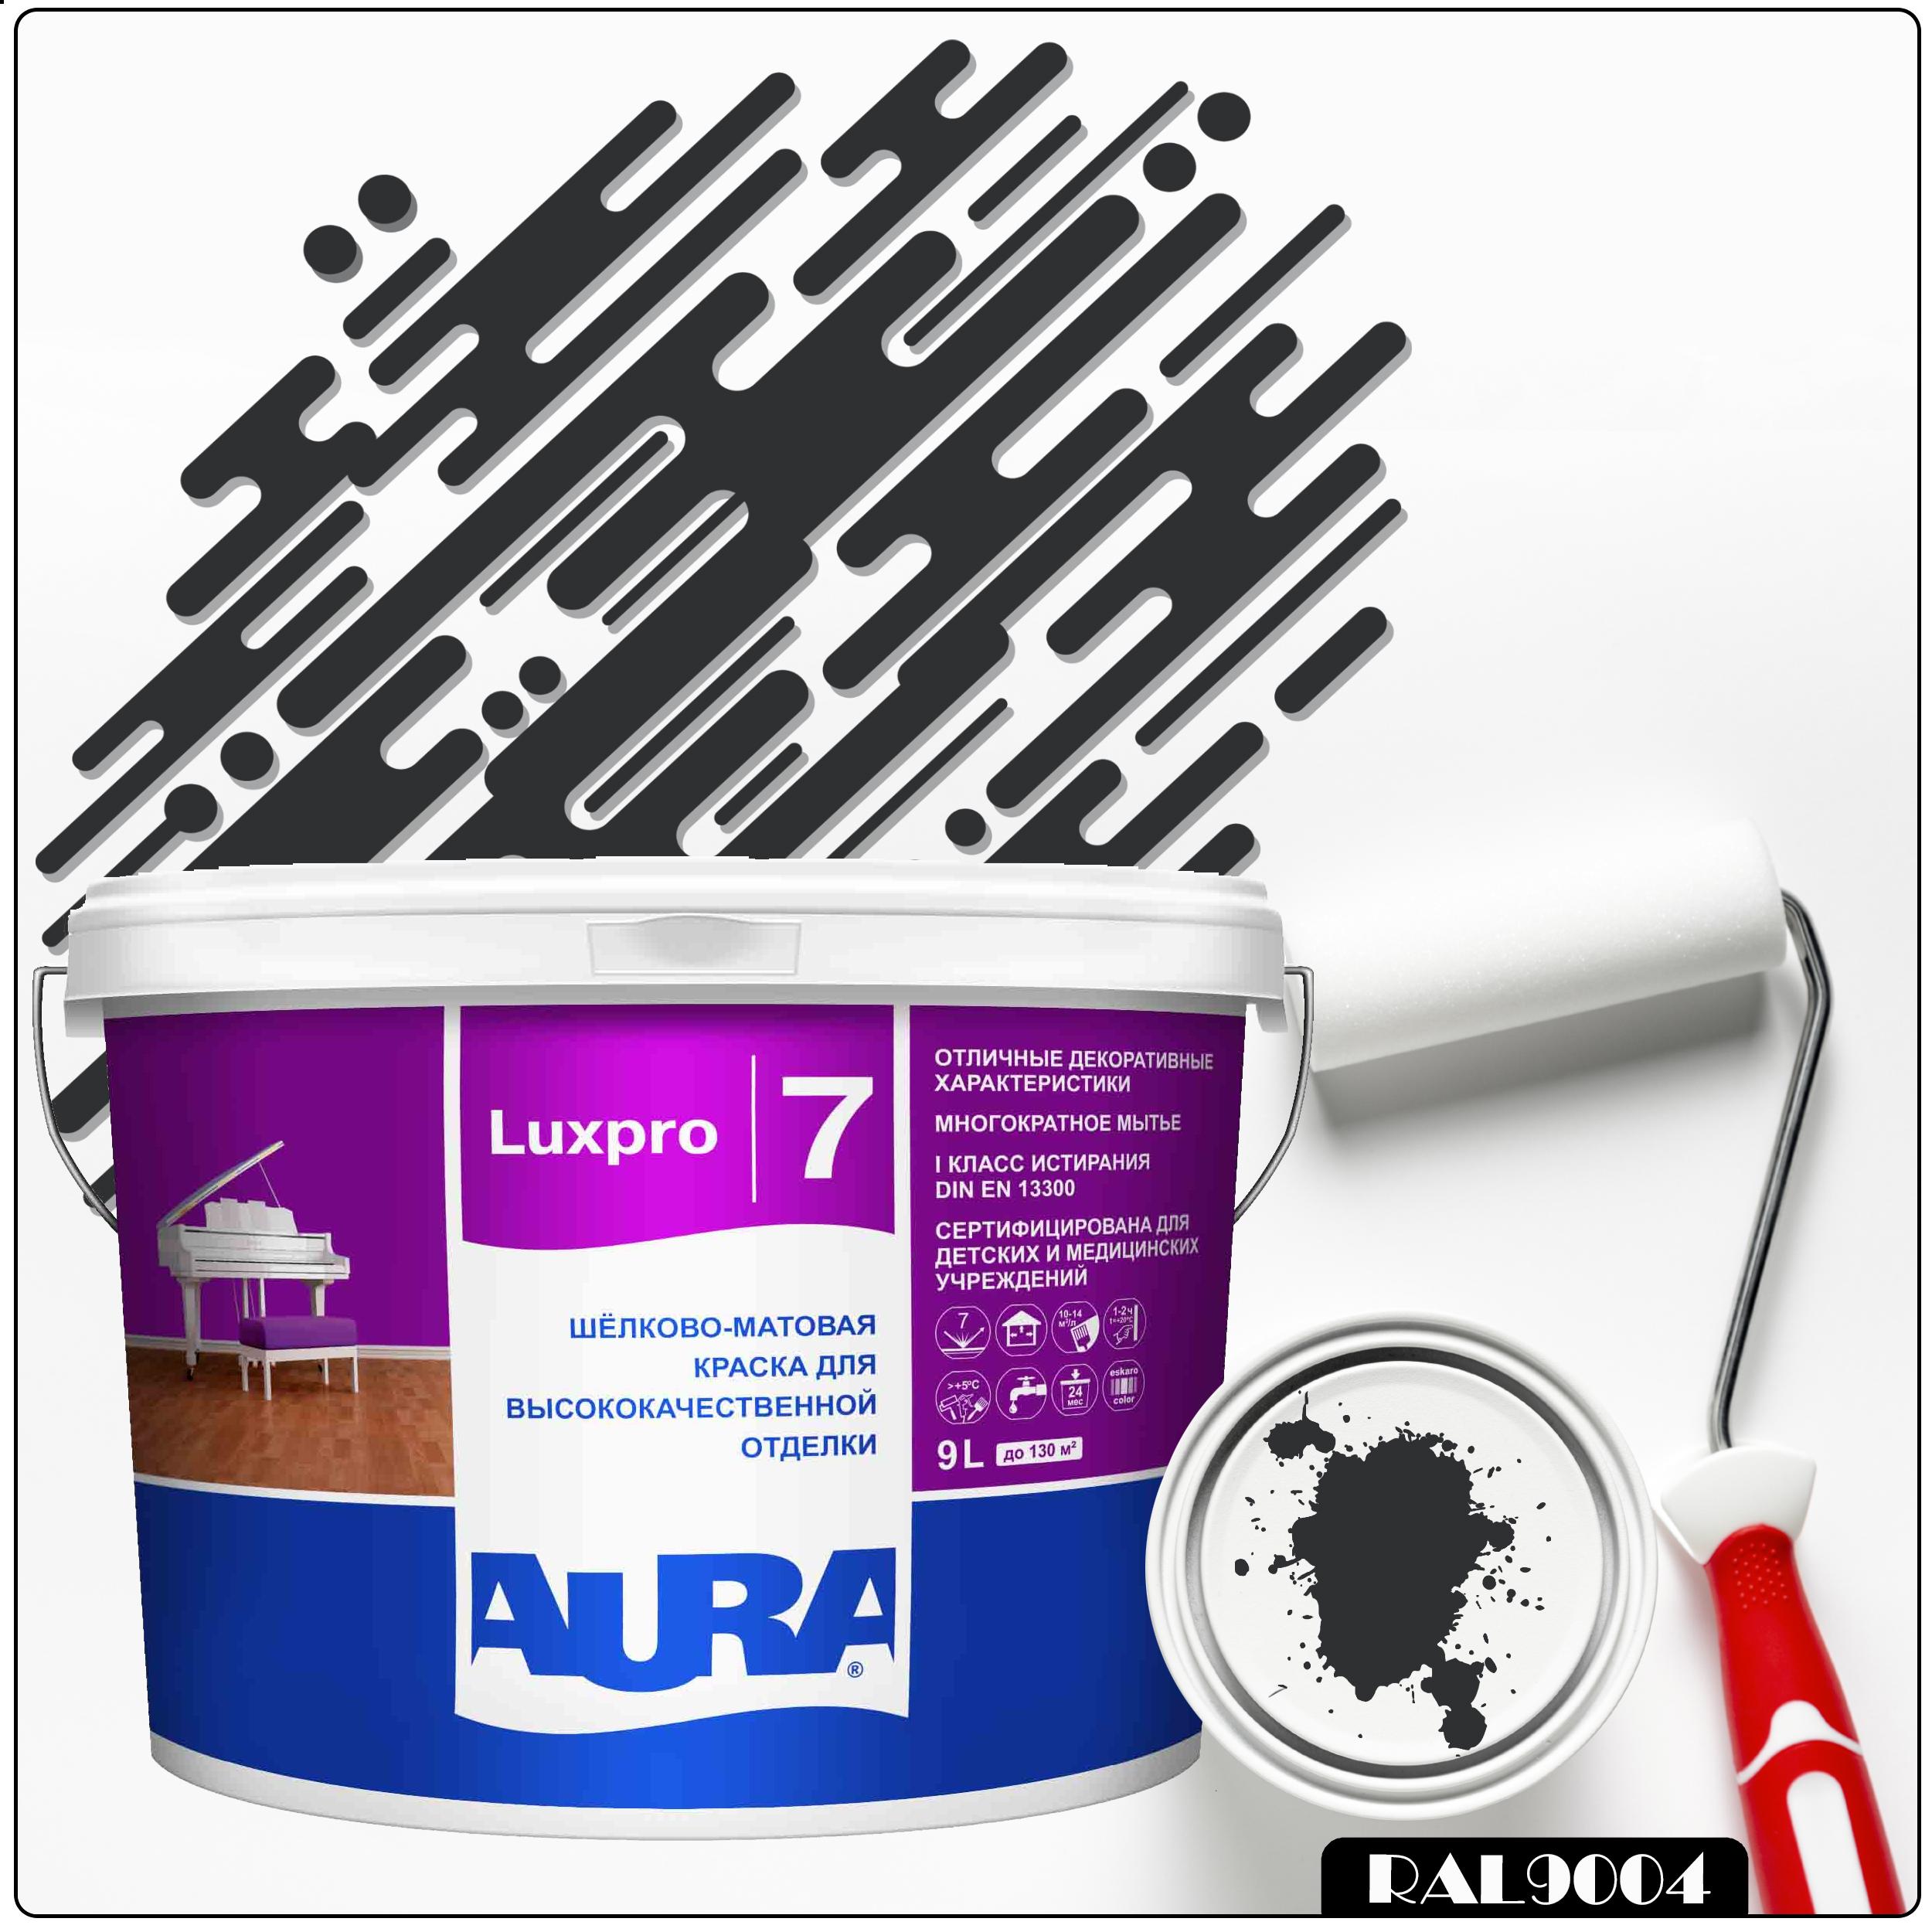 Фото 4 - Краска Aura LuxPRO 7, RAL 9004 Сигнальный черный, латексная, шелково-матовая, интерьерная, 9л, Аура.